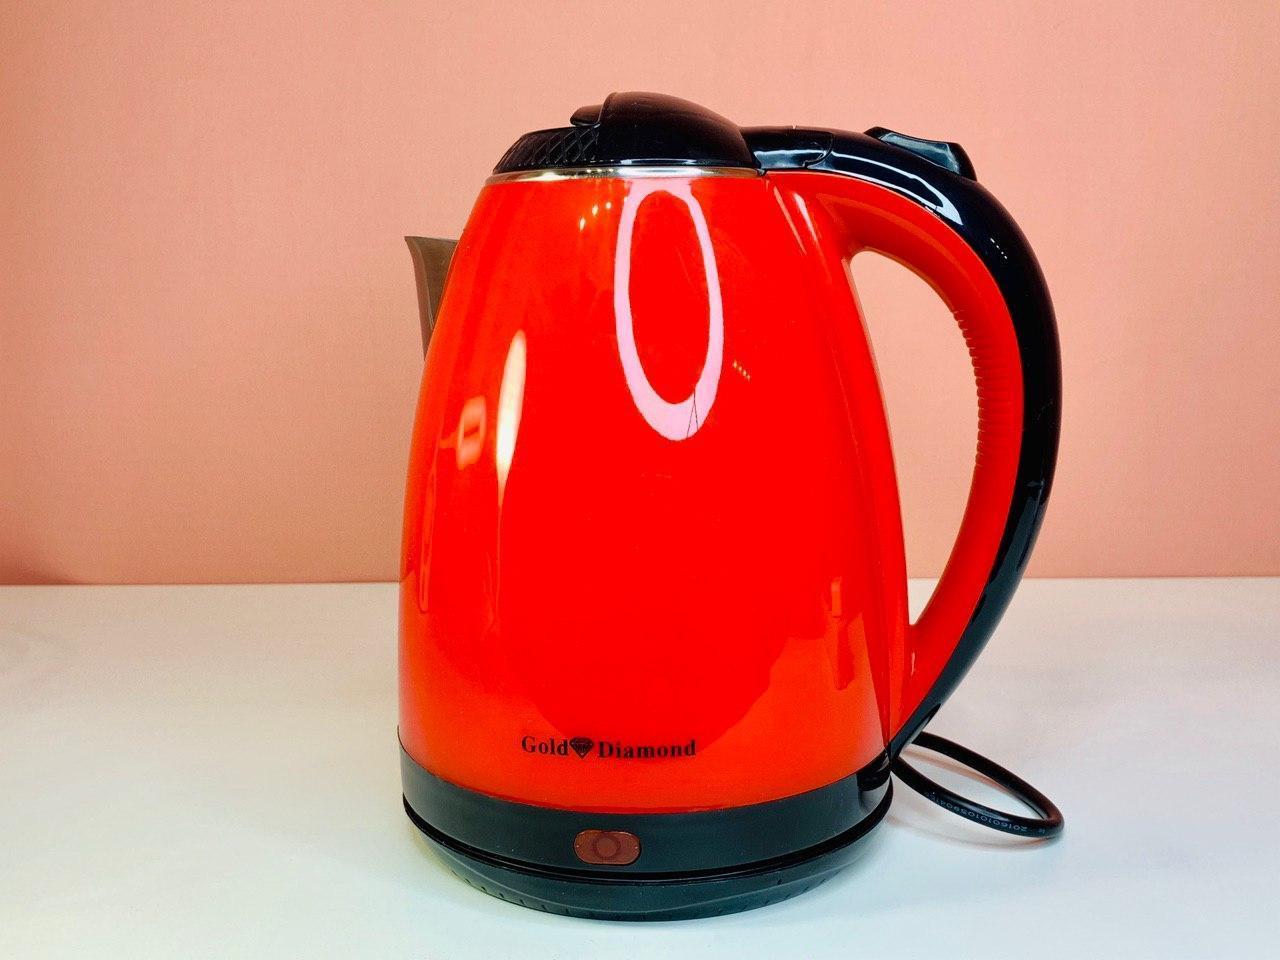 Электрочайник Gold Diamond Tk-00028 Красный Электрический Чайник Пластик-Металл